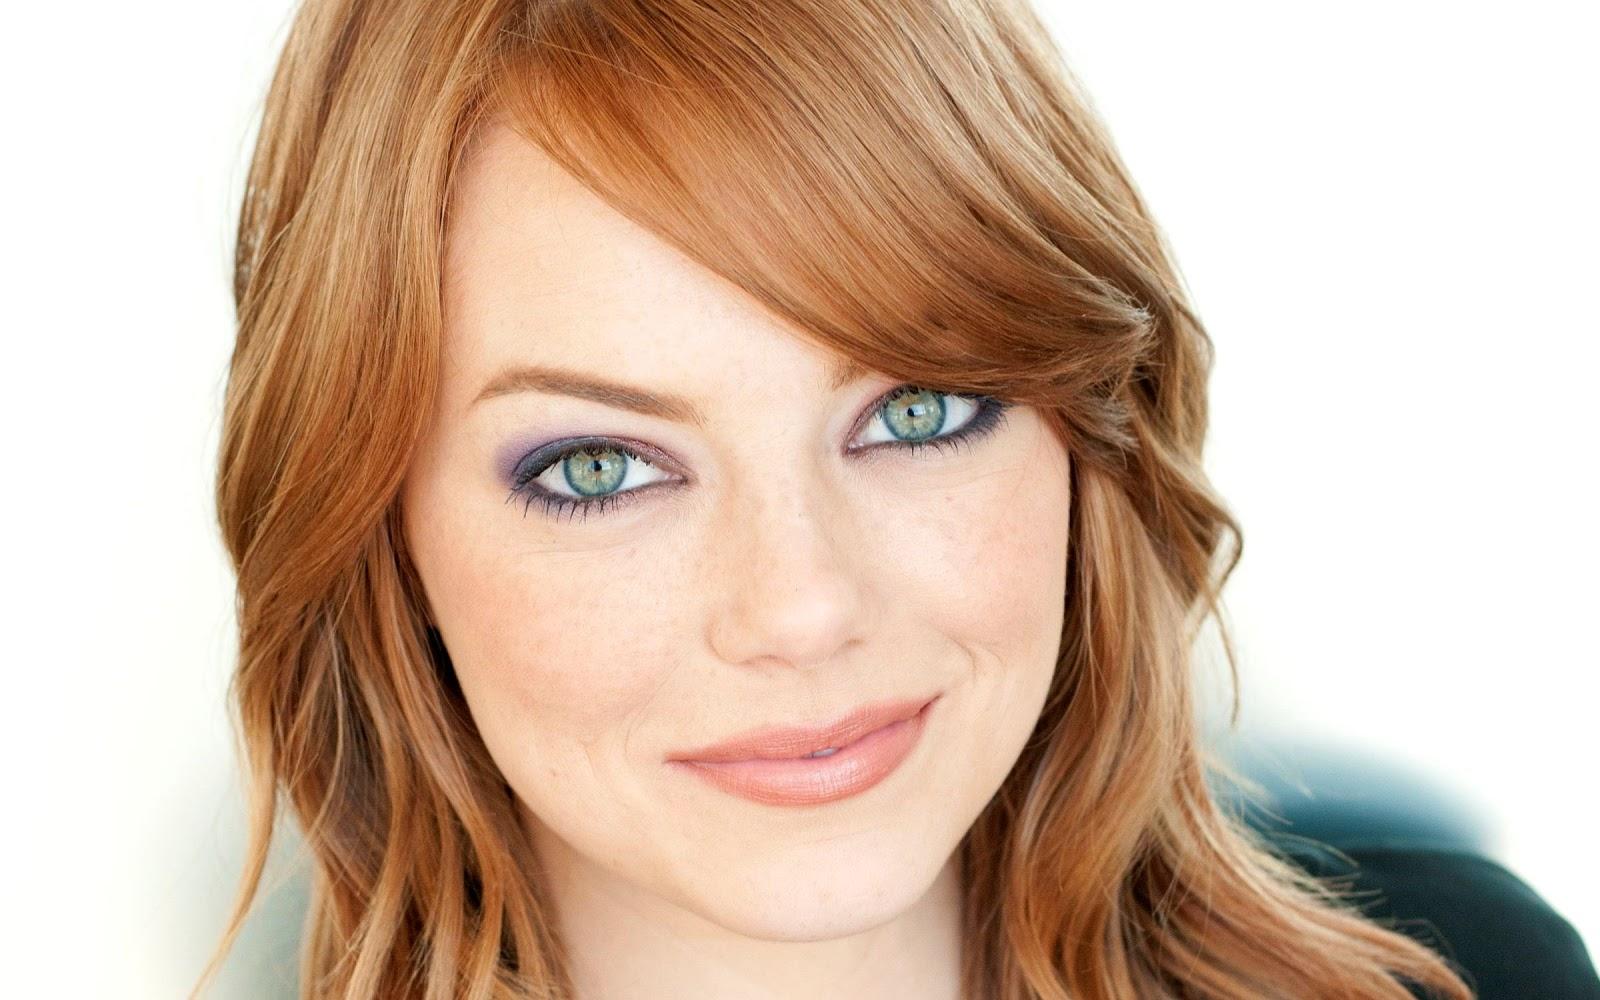 Quale trucco per occhi verdi preferisci?